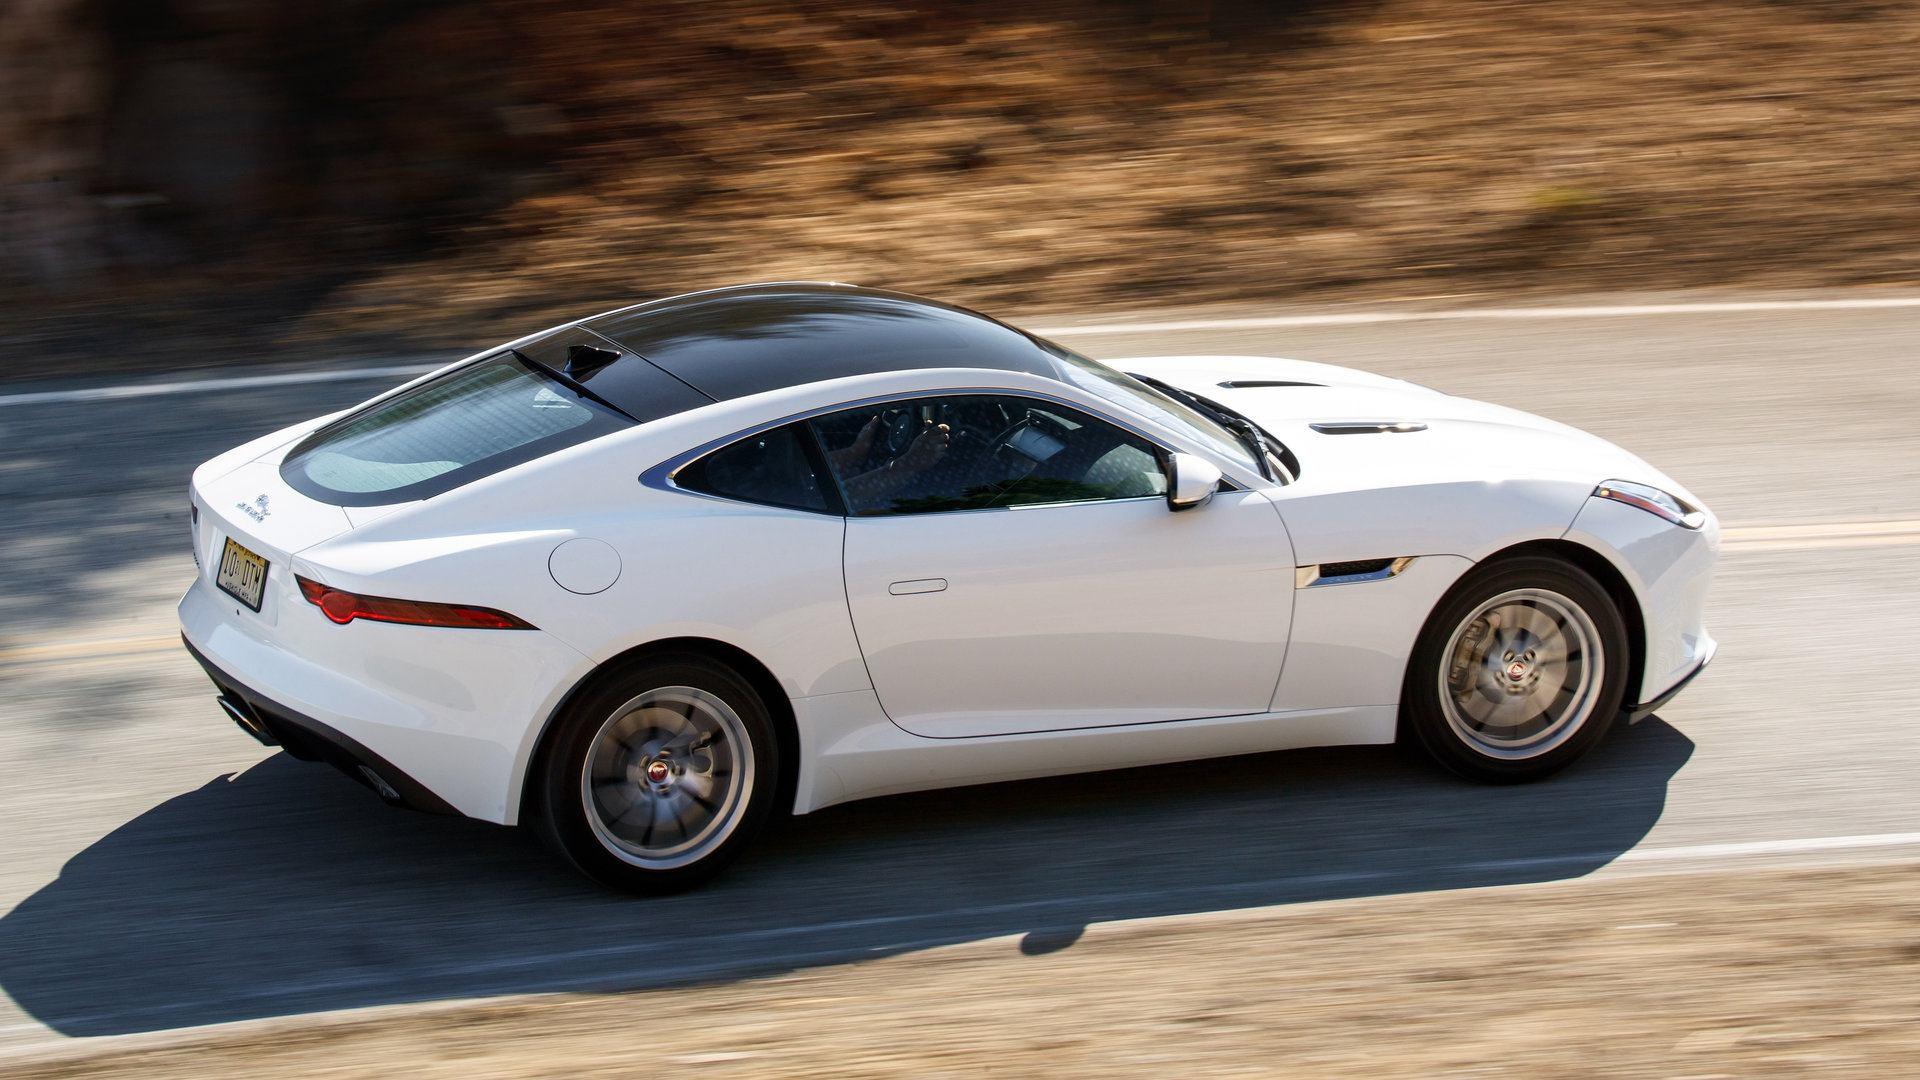 Jaguar da jaque mate al cambio manual del F-Type en EEUU